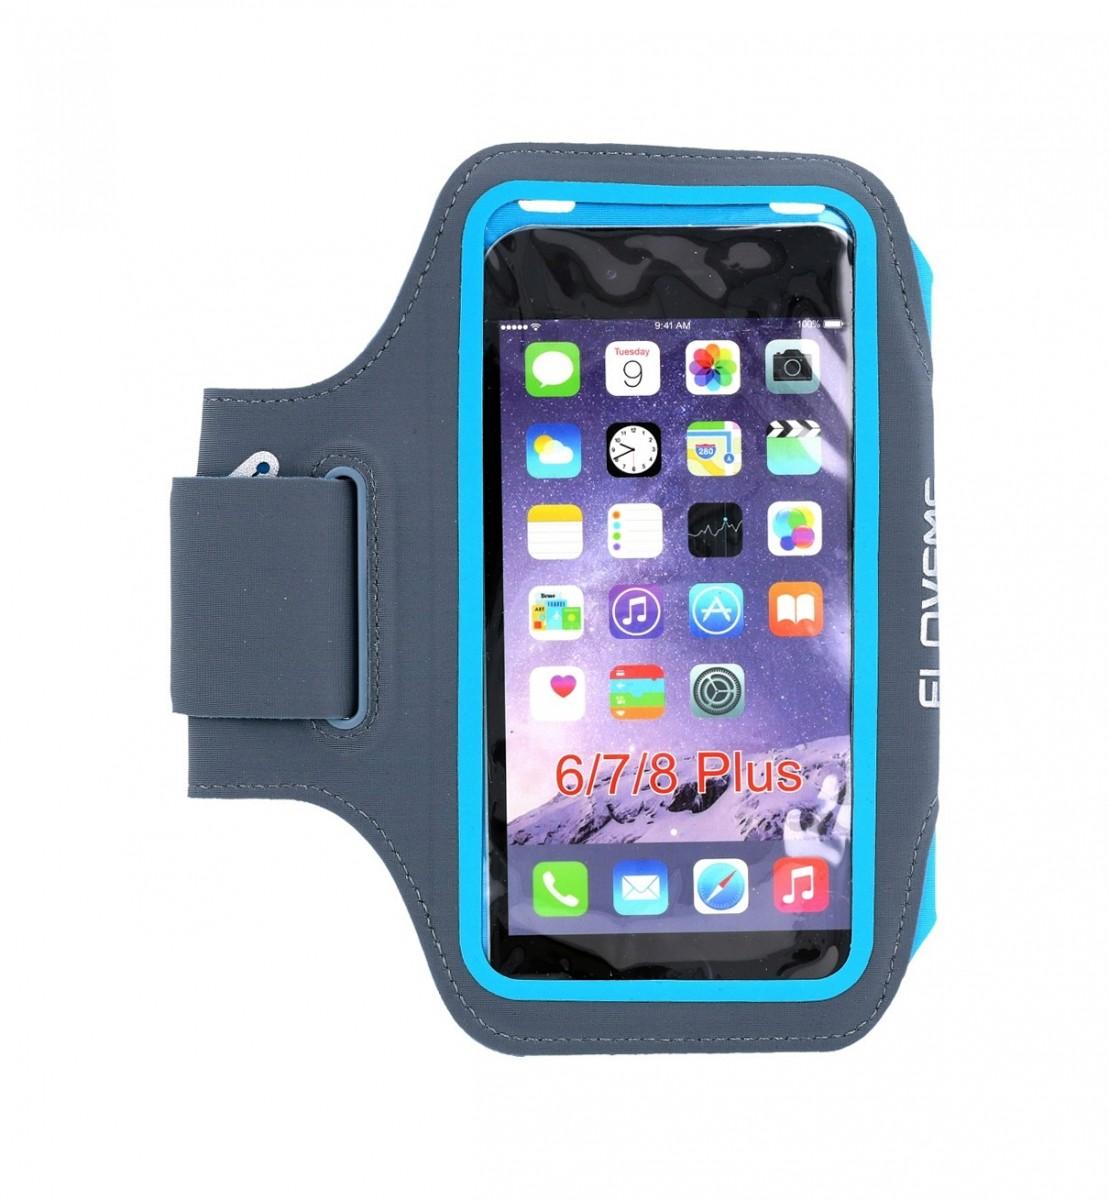 Sportovní pouzdro na ruku FLOVEME velikost L modré (sportovní pouzdro neboli obal velikost L)